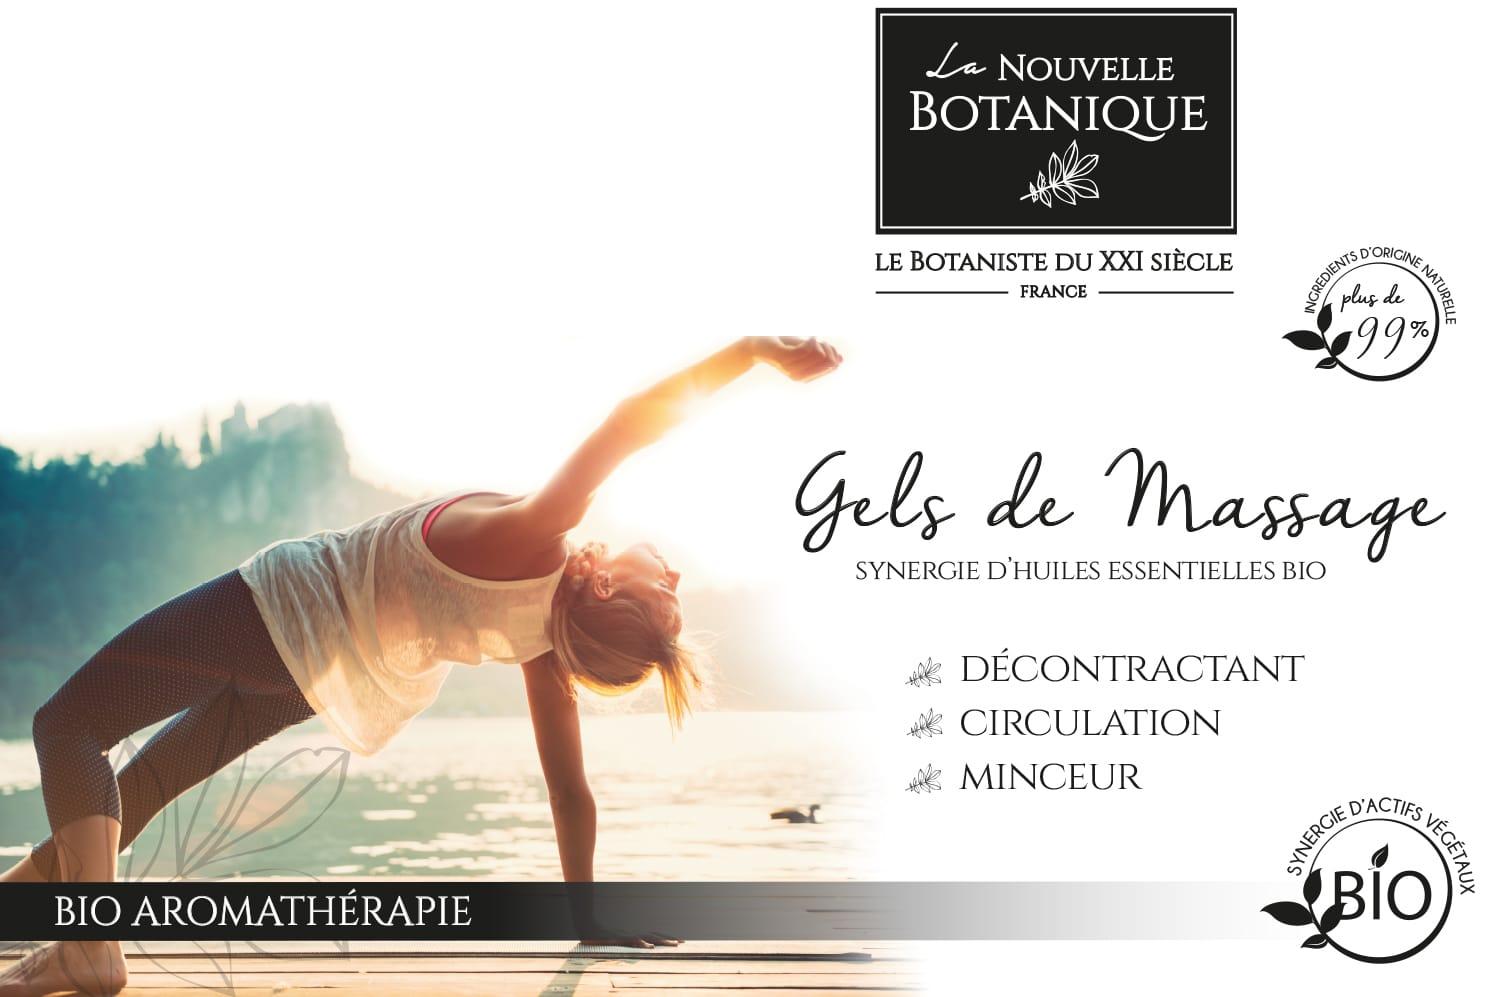 Aromathérapie - gels de massage aux huiles essentielles